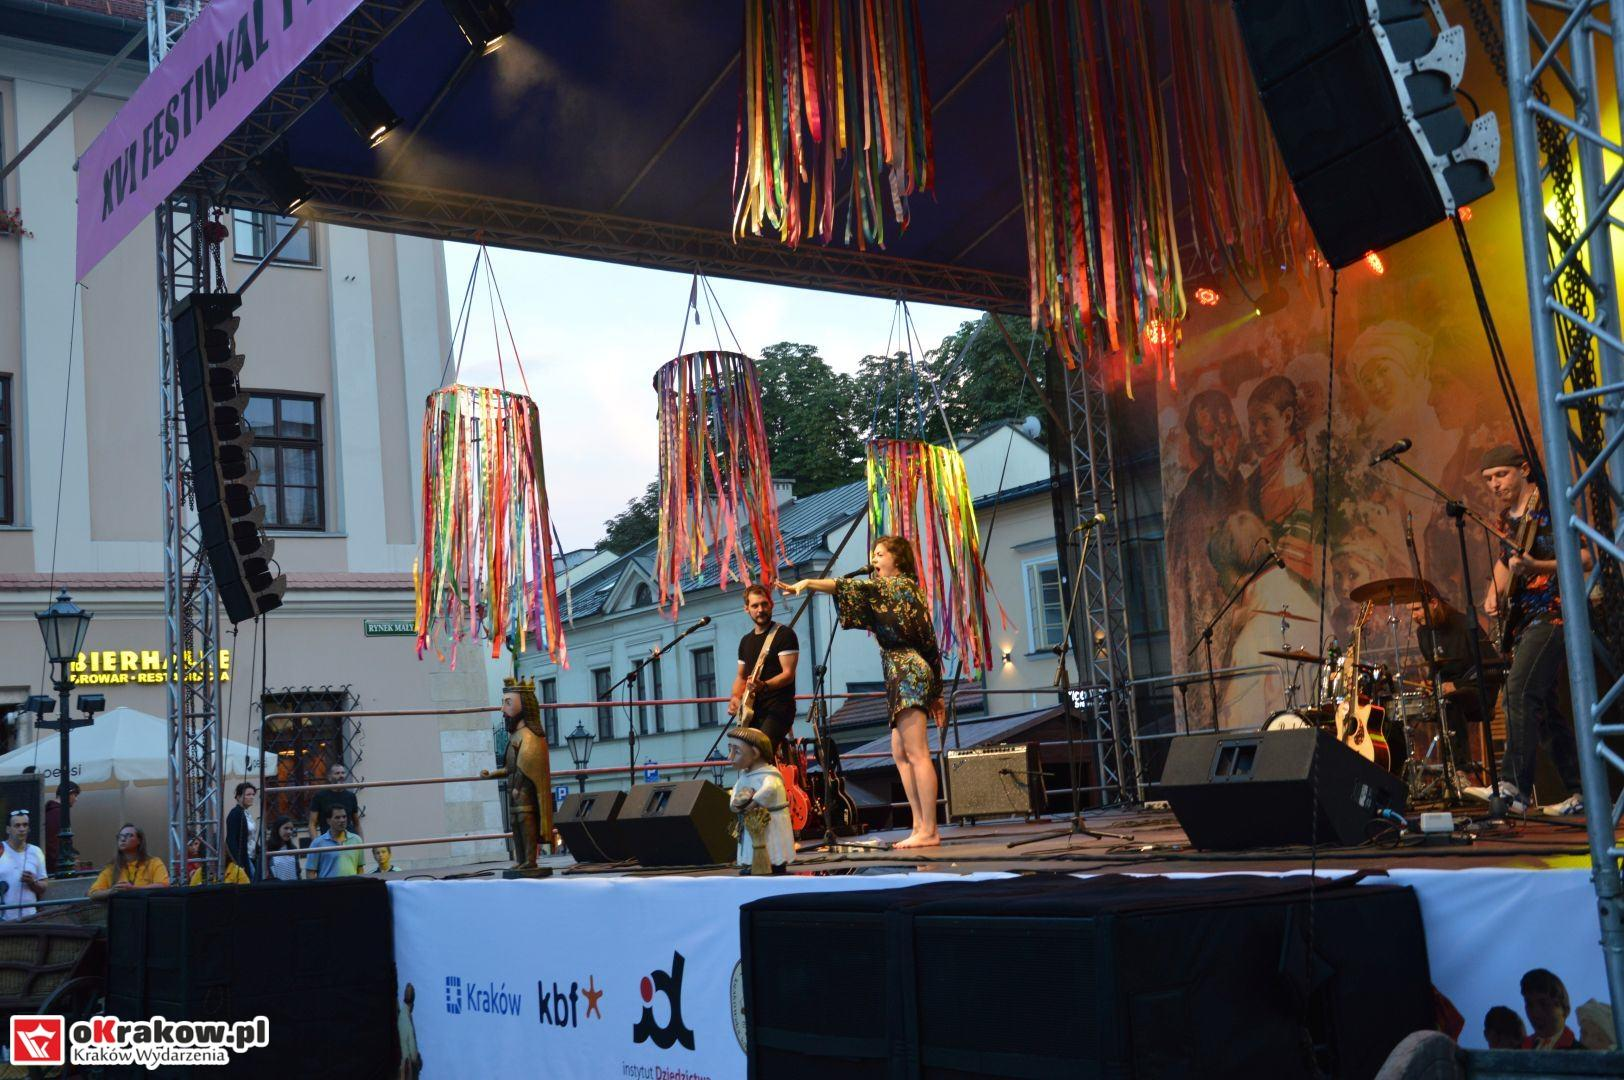 krakow festiwal pierogow maly rynek koncert cheap tobacco 180 150x150 - Galeria zdjęć Festiwal Pierogów Kraków 2018 + zdjęcia z koncertu Cheap Tobacco